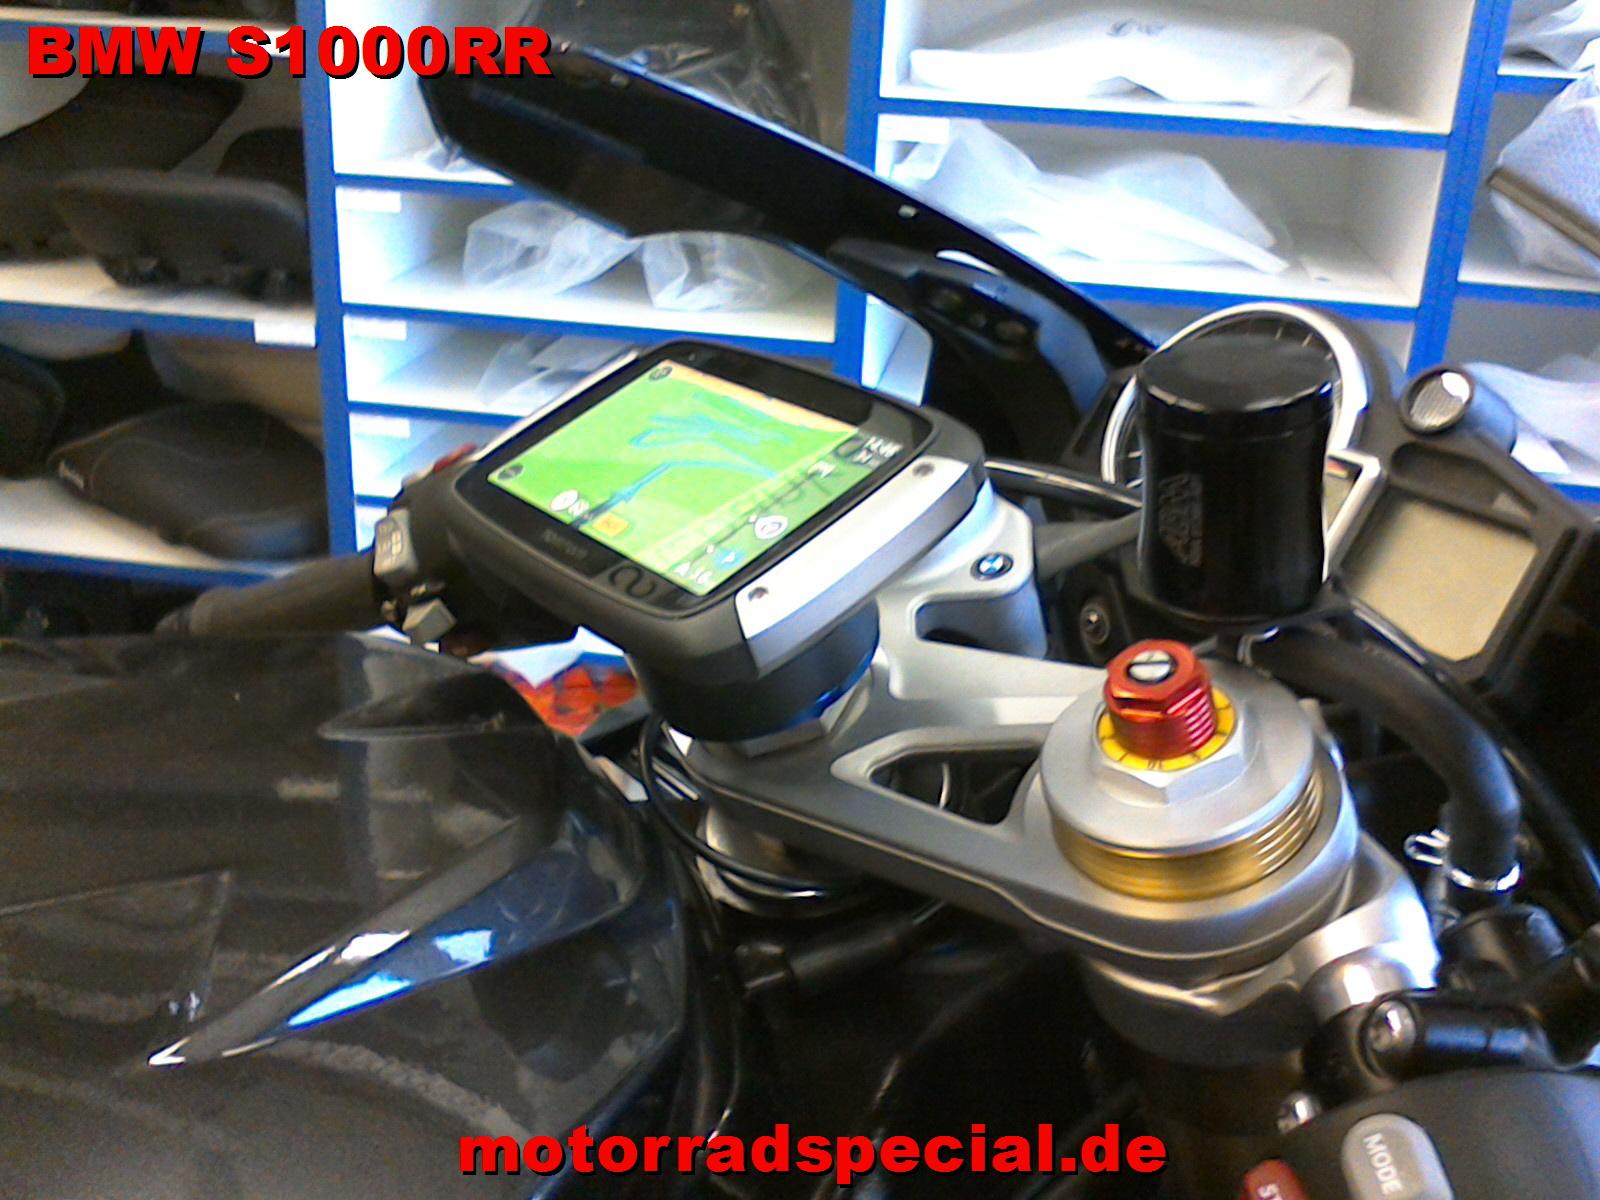 BMW_S1000RR_S1000R_Navigationshalter_Navihalter_Navihalterung1